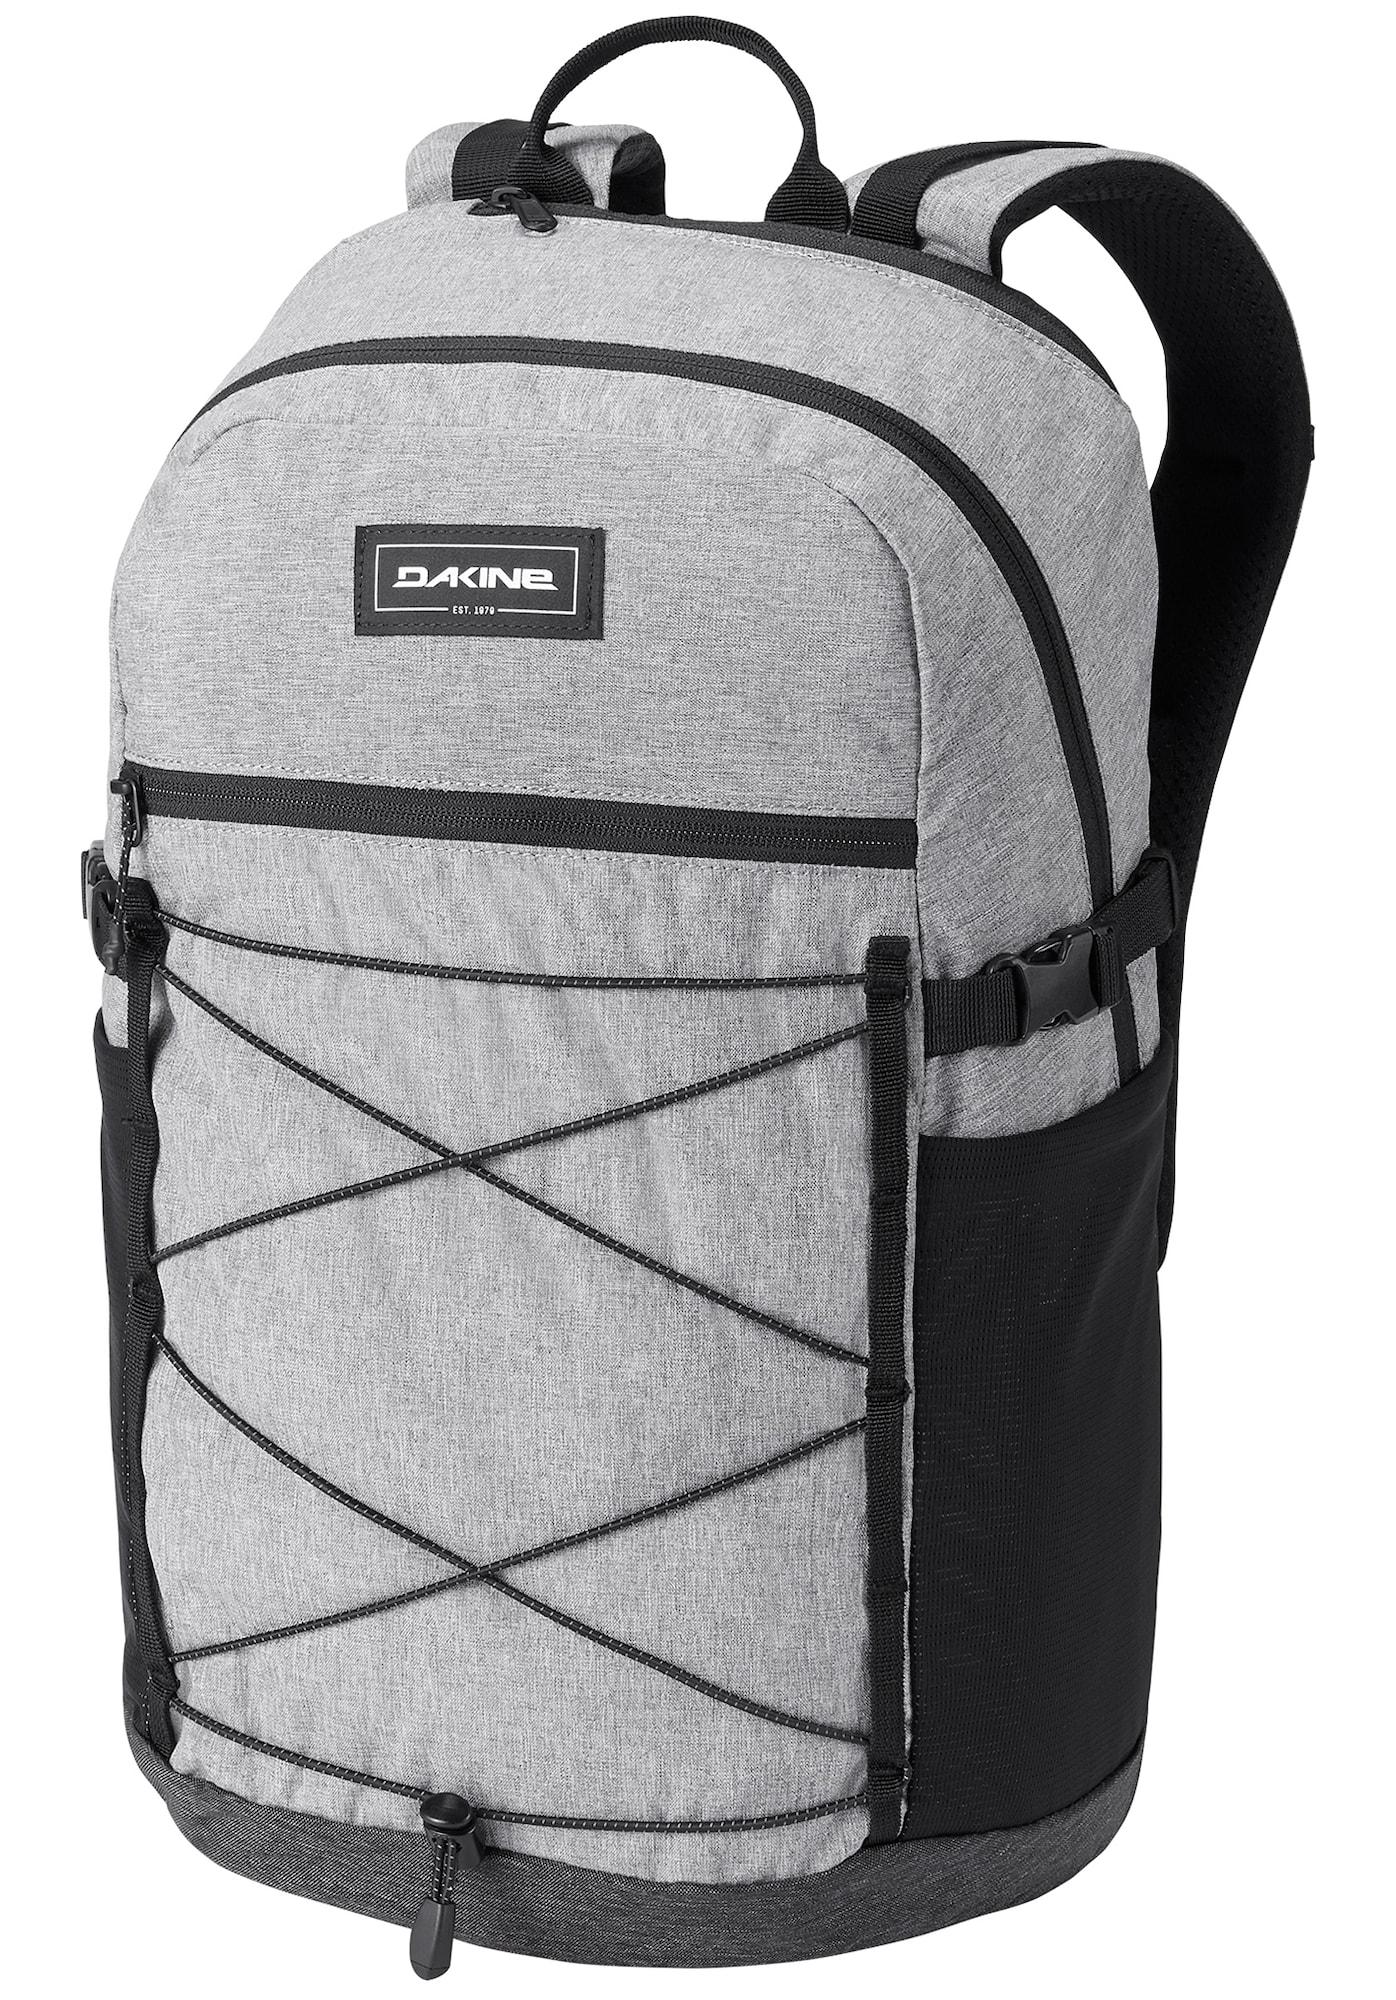 Rucksack 'Wndr Pack' | Taschen > Rucksäcke | Dakine